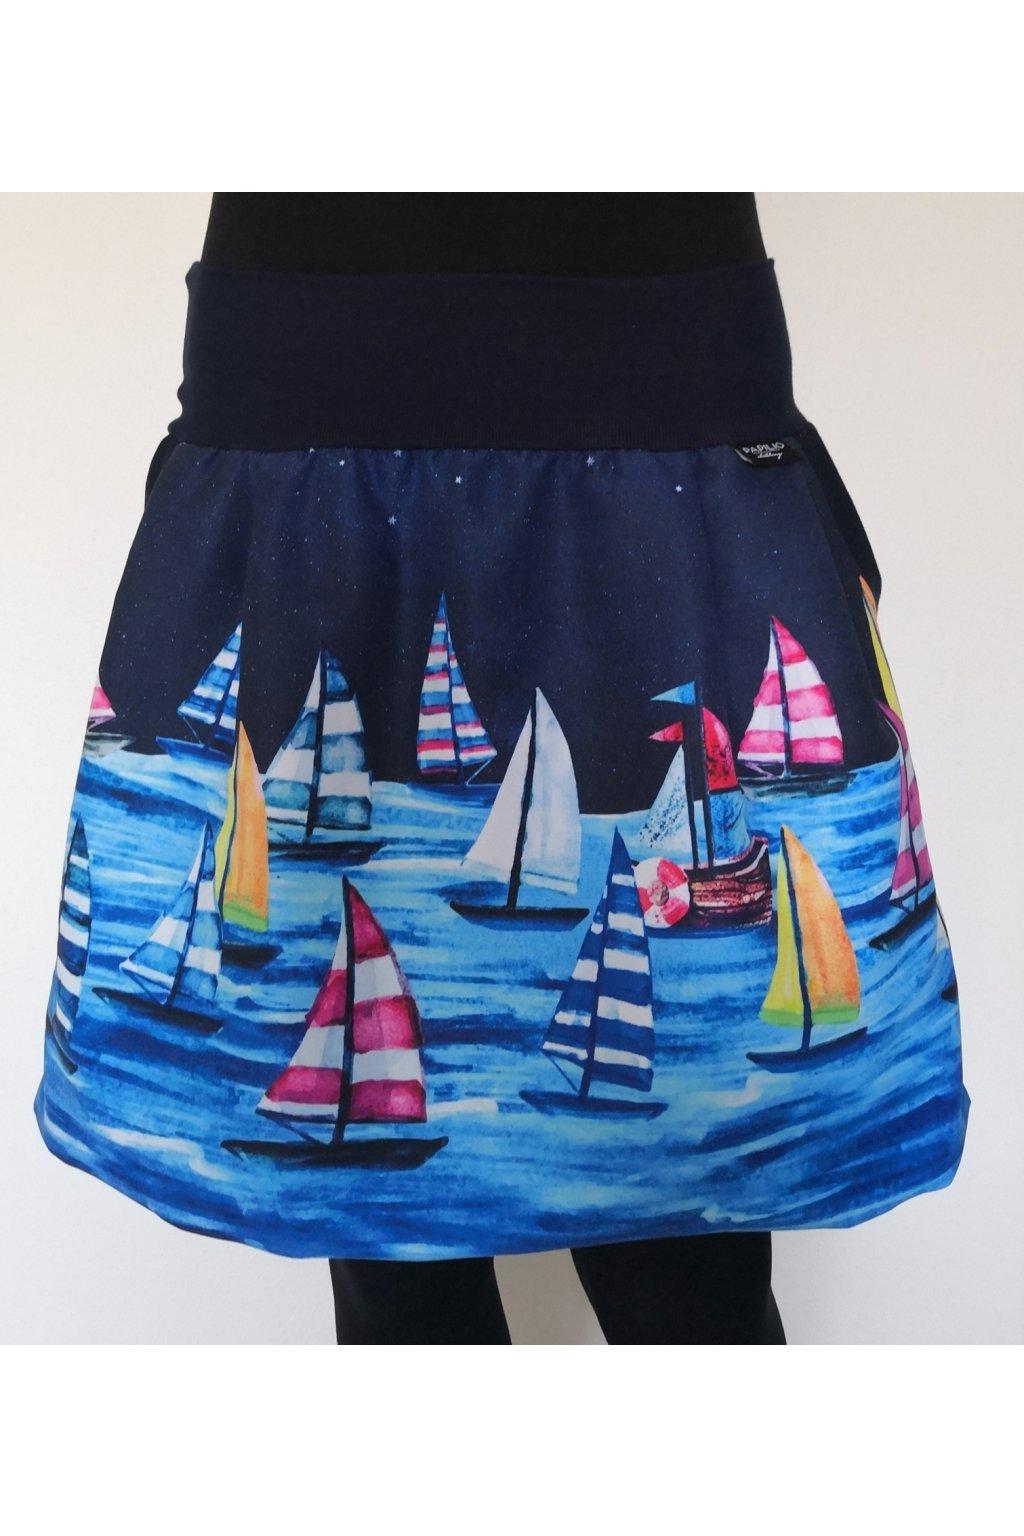 plachetnice sukne papiloclothing